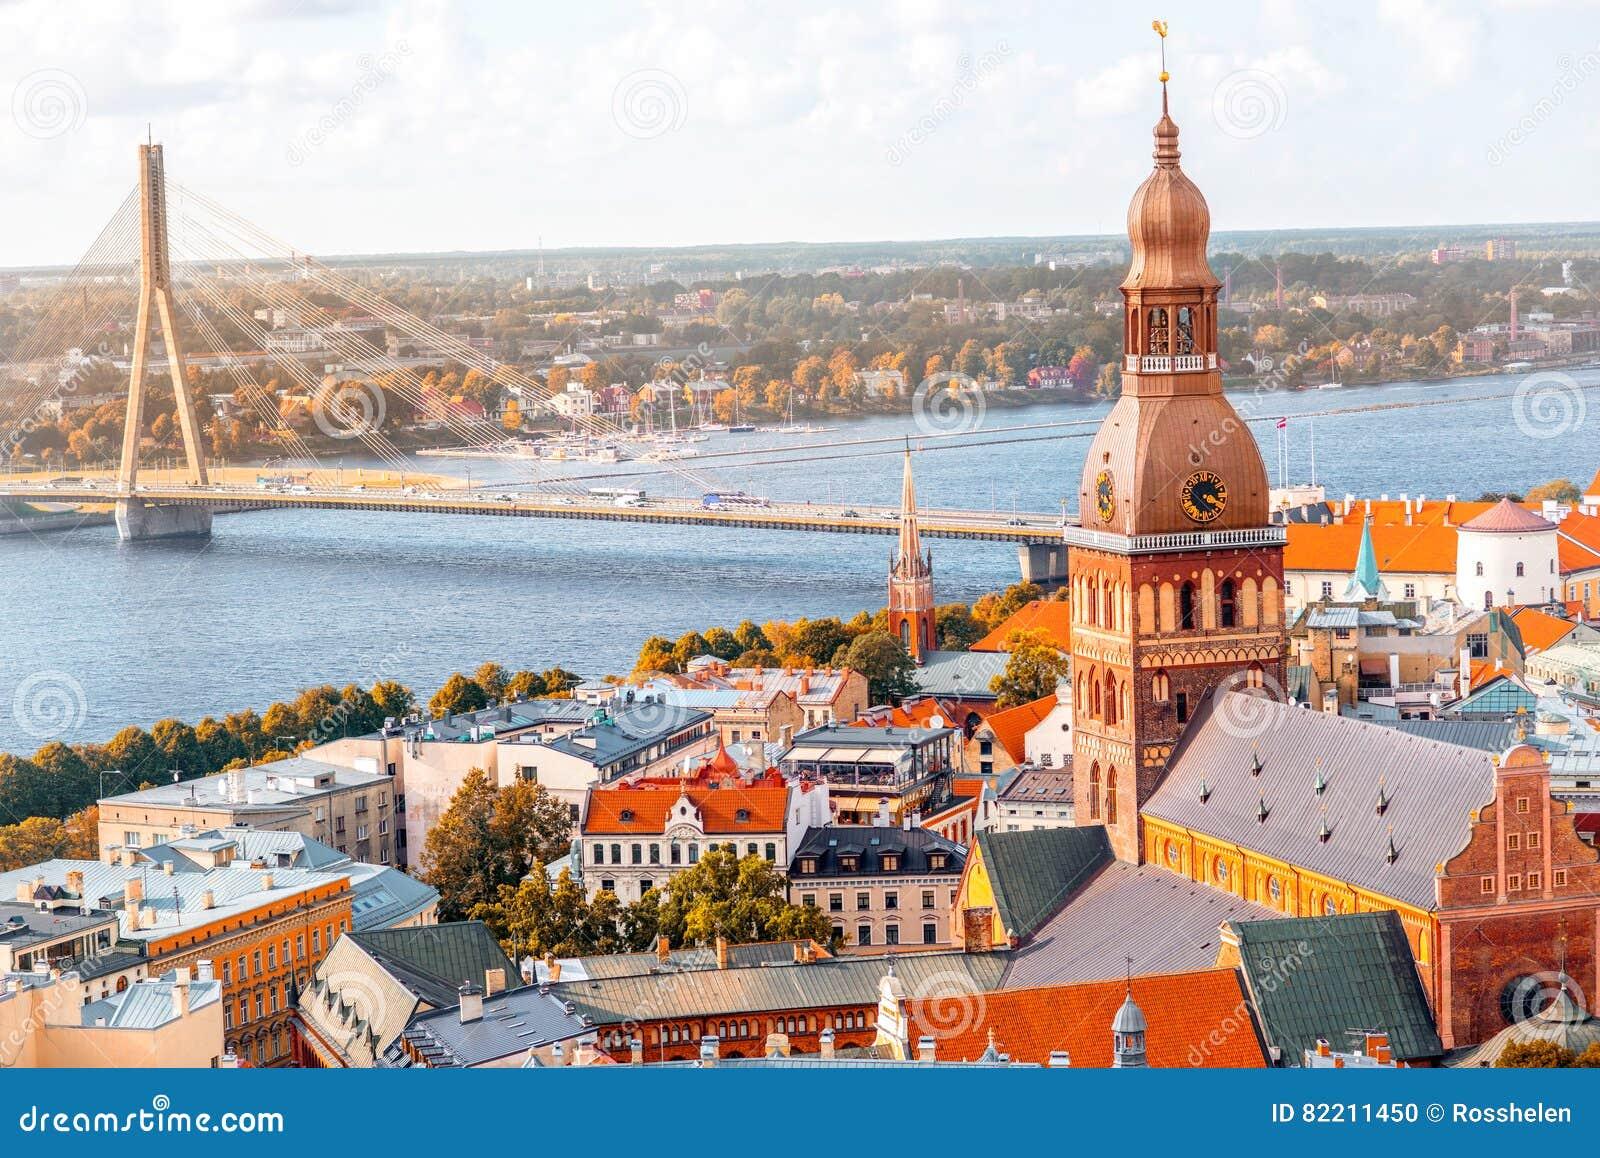 Riga cityscape view